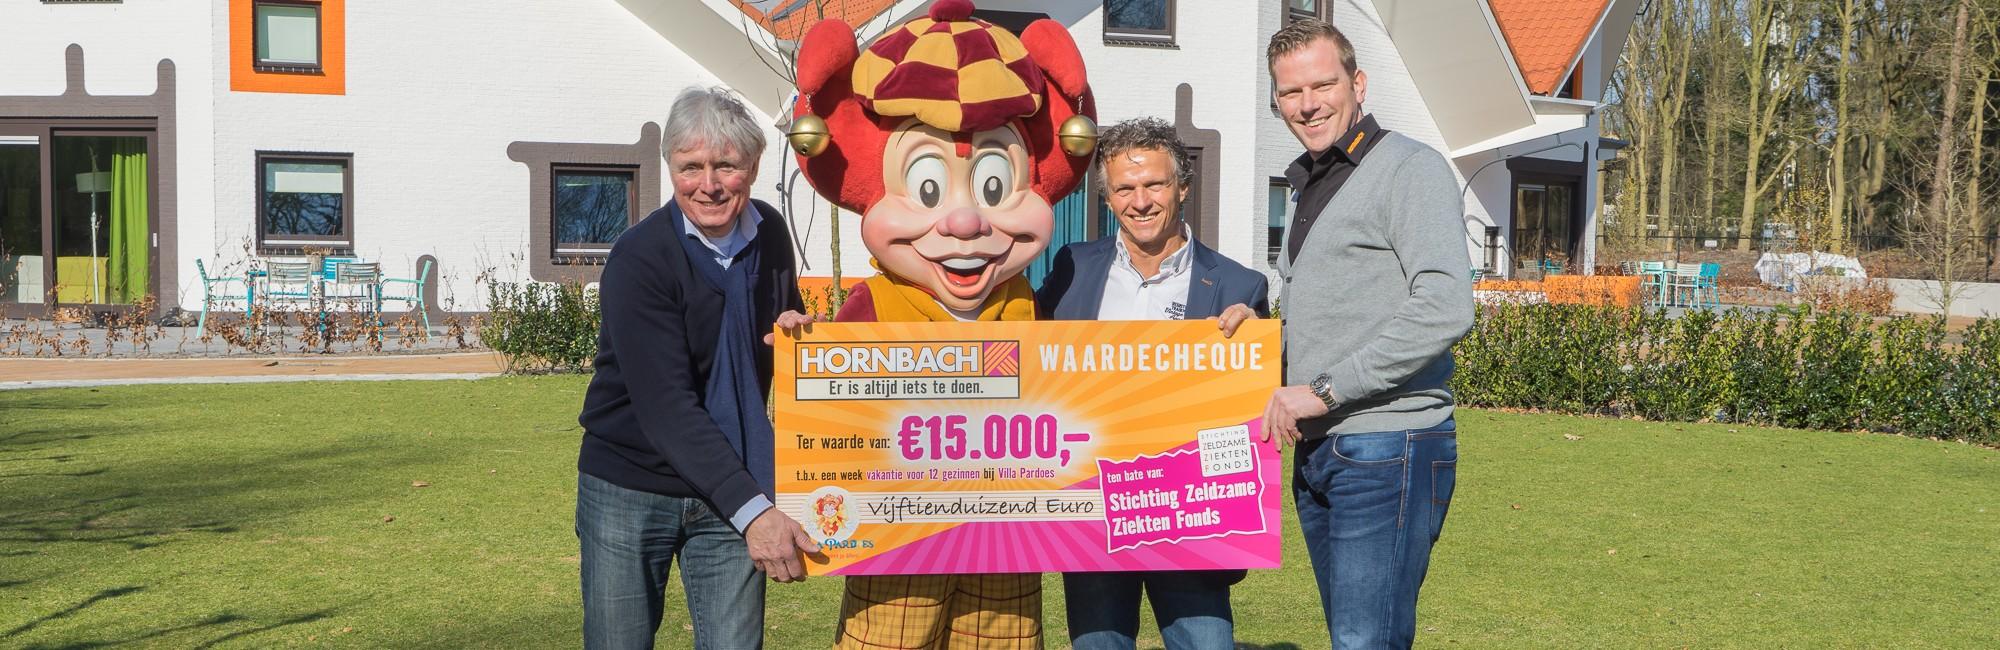 Peter Persoon (links) Jan Lammers (midden) Michel van Slingerland (rechts)